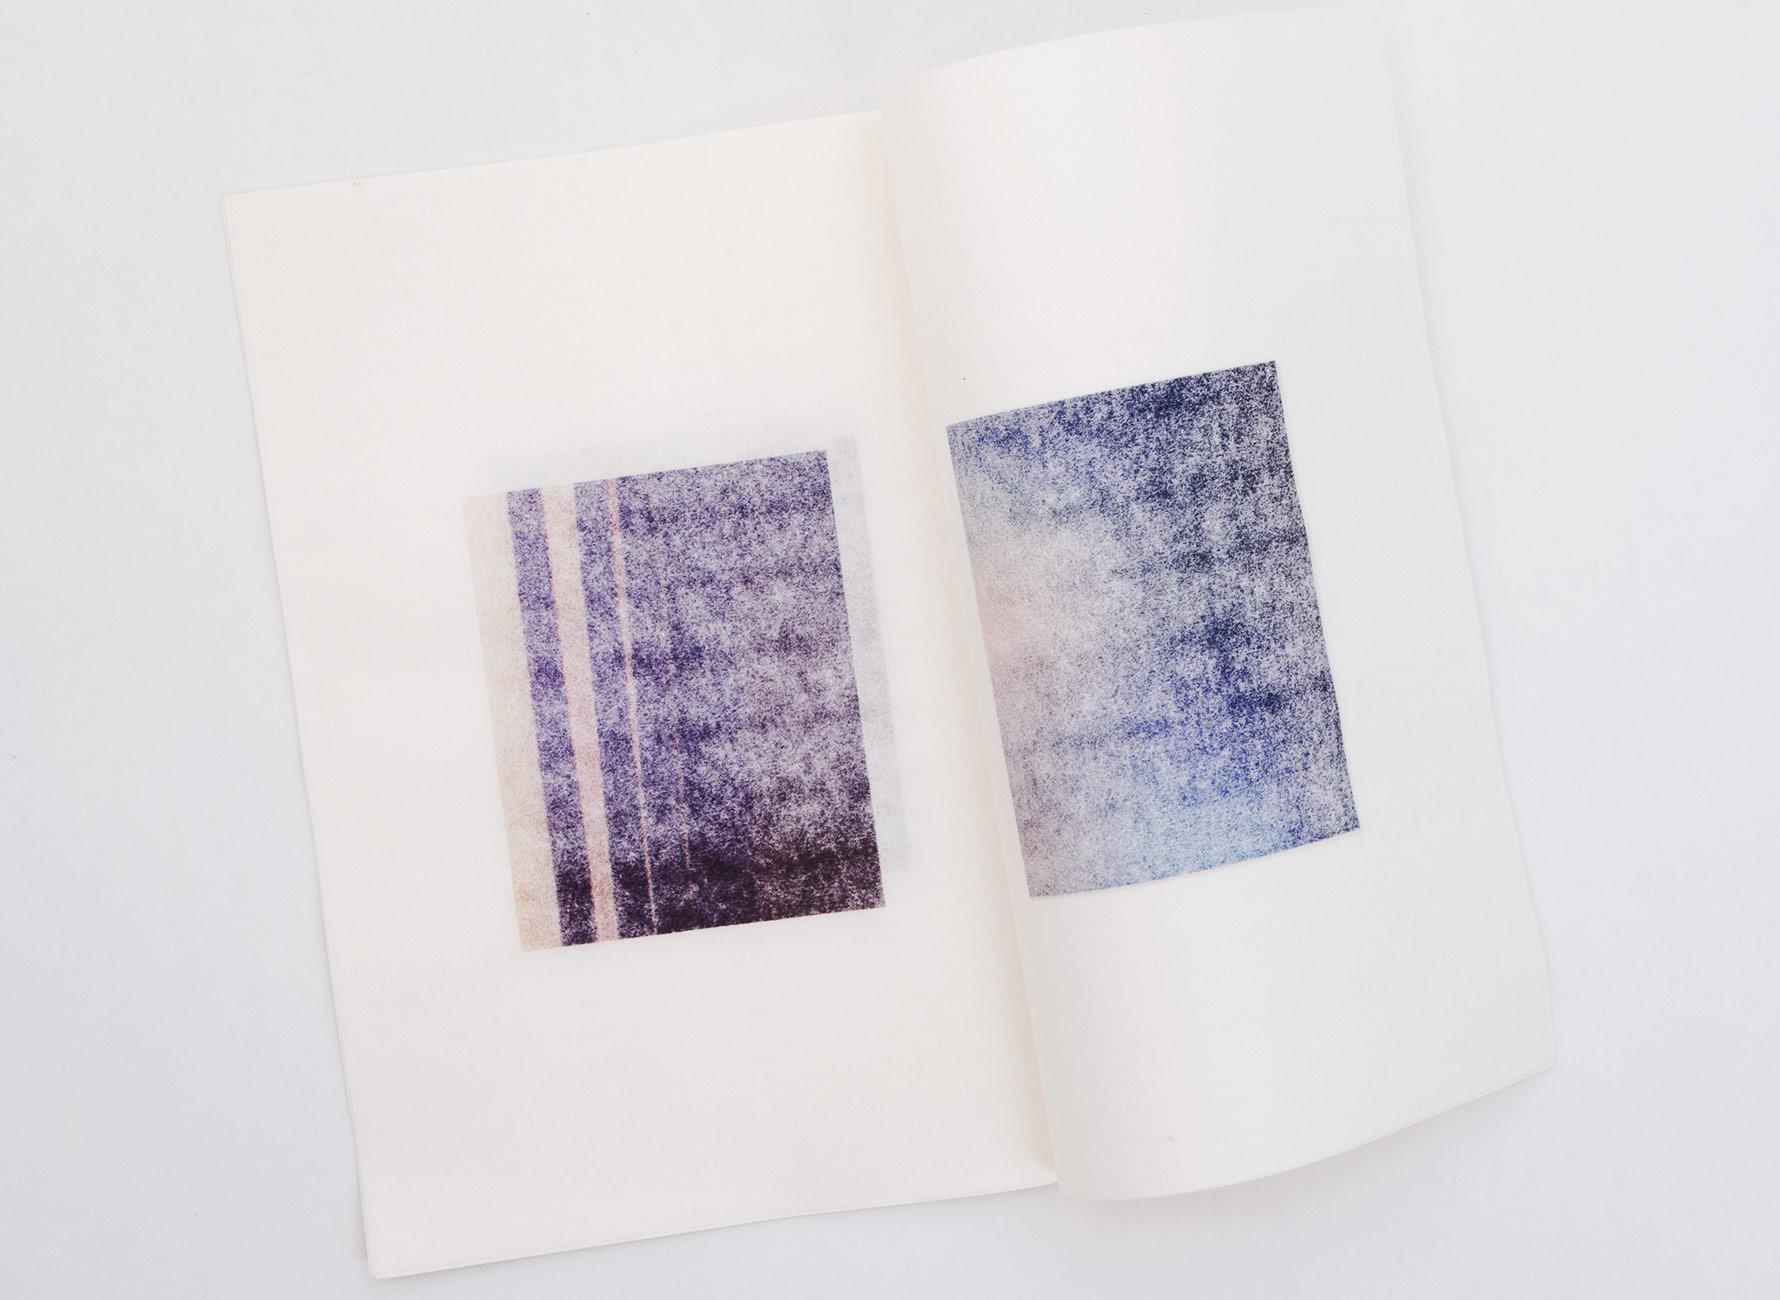 joana duraes, experimental projects